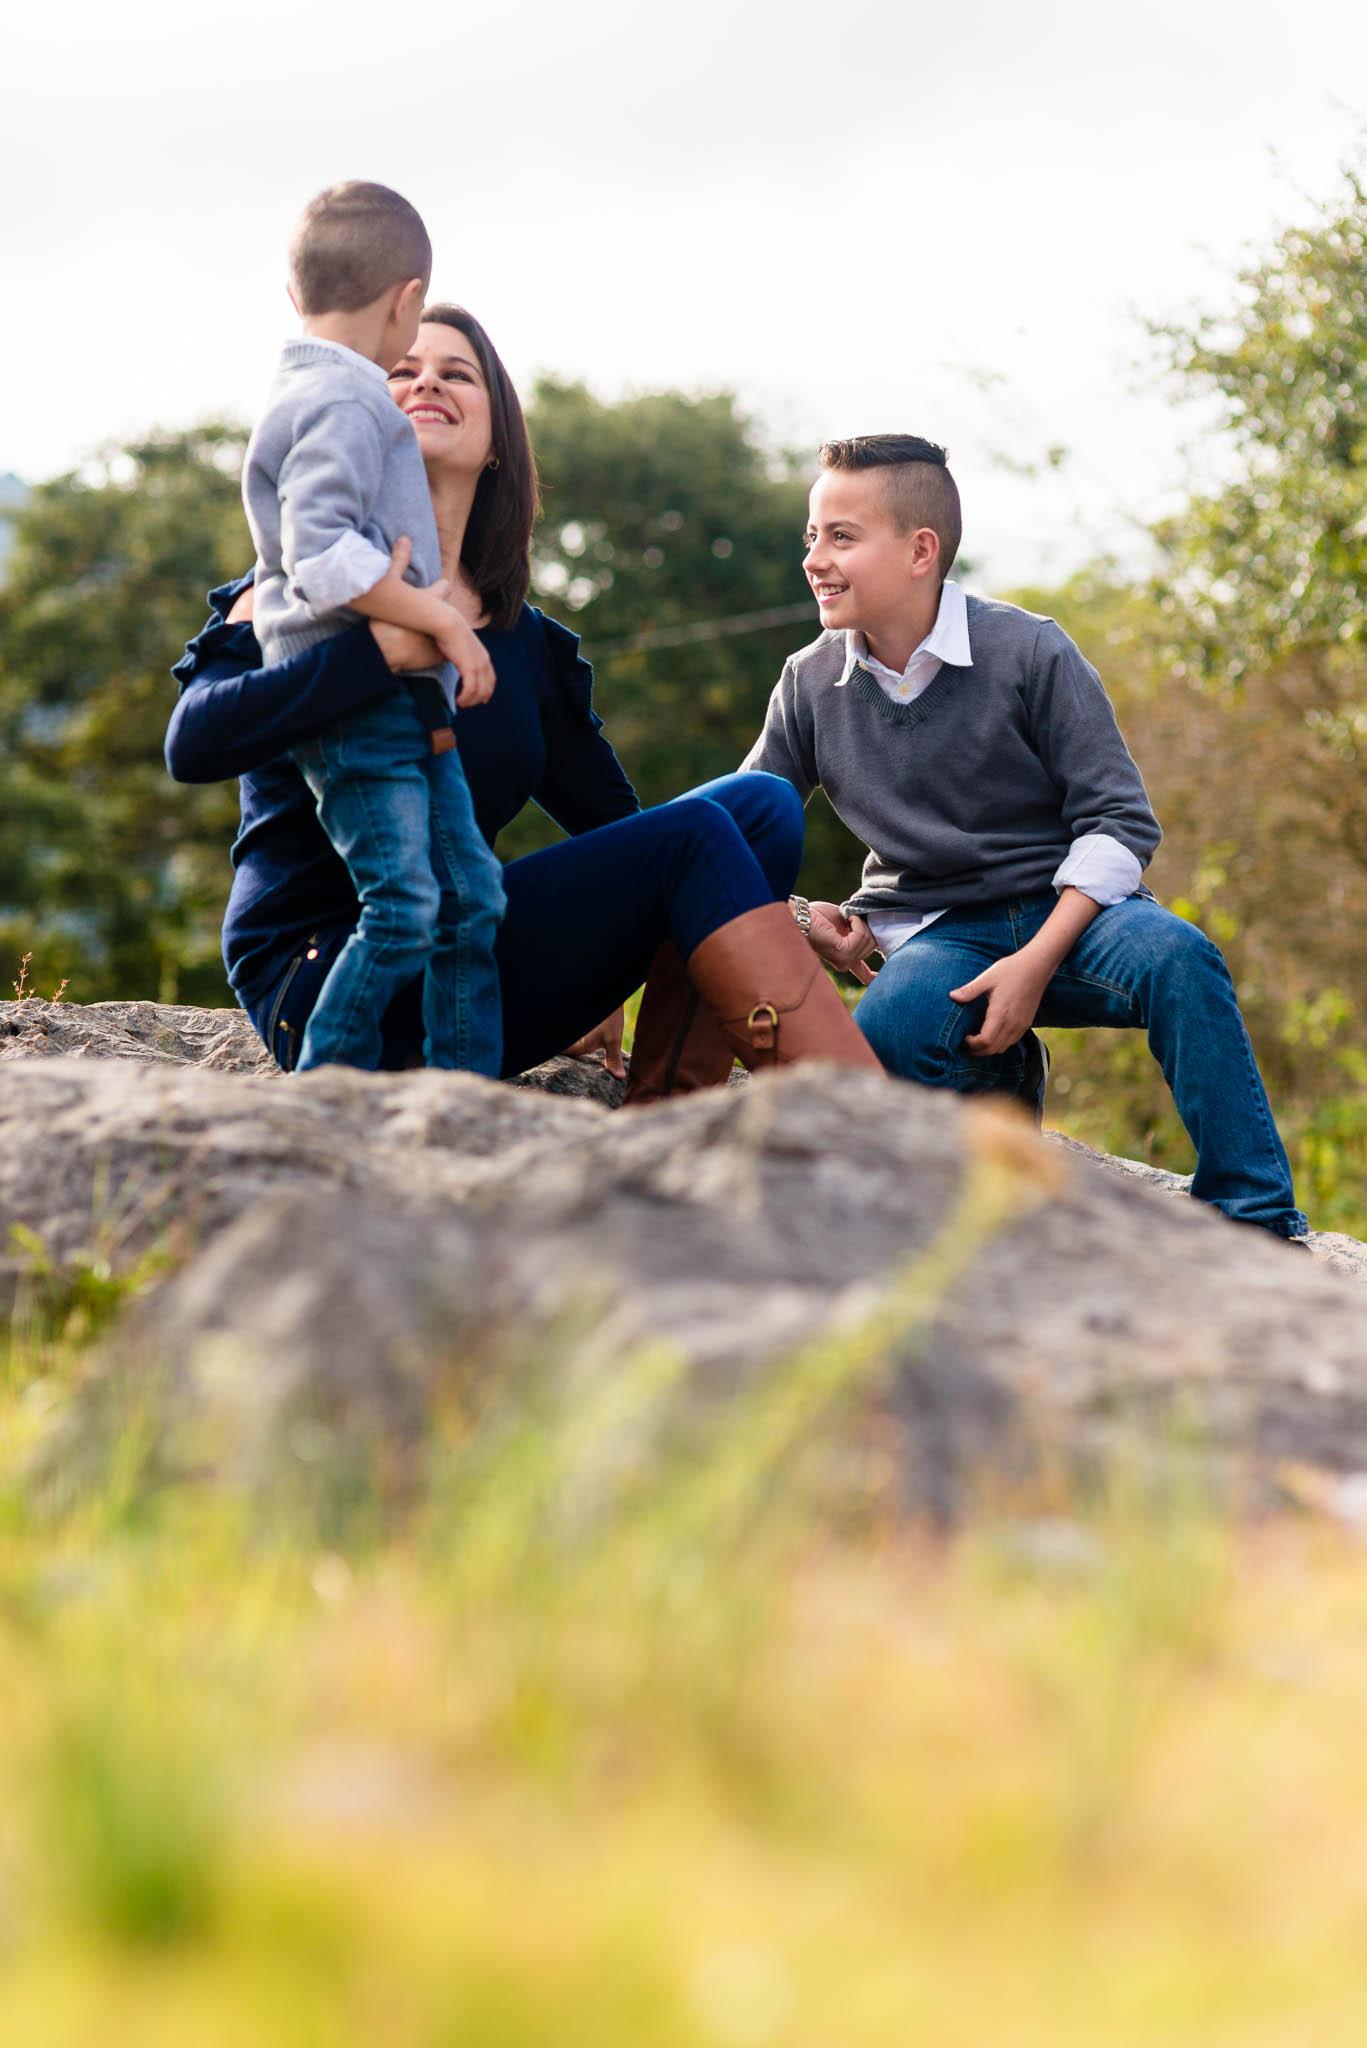 sesion familiar fotografia de familia fotos de familia fotografo san luis potosi luz escrita 1